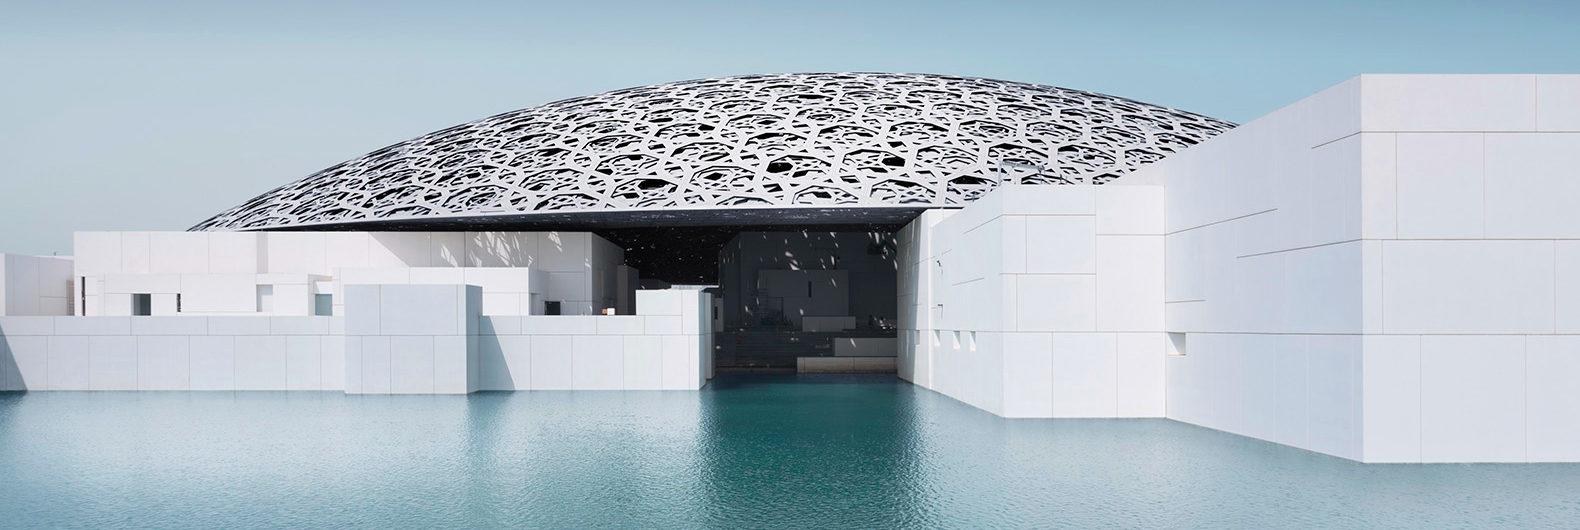 Louvre-Abu-Dhabi-by-Jean-Nouvel-lead-2-1580x530